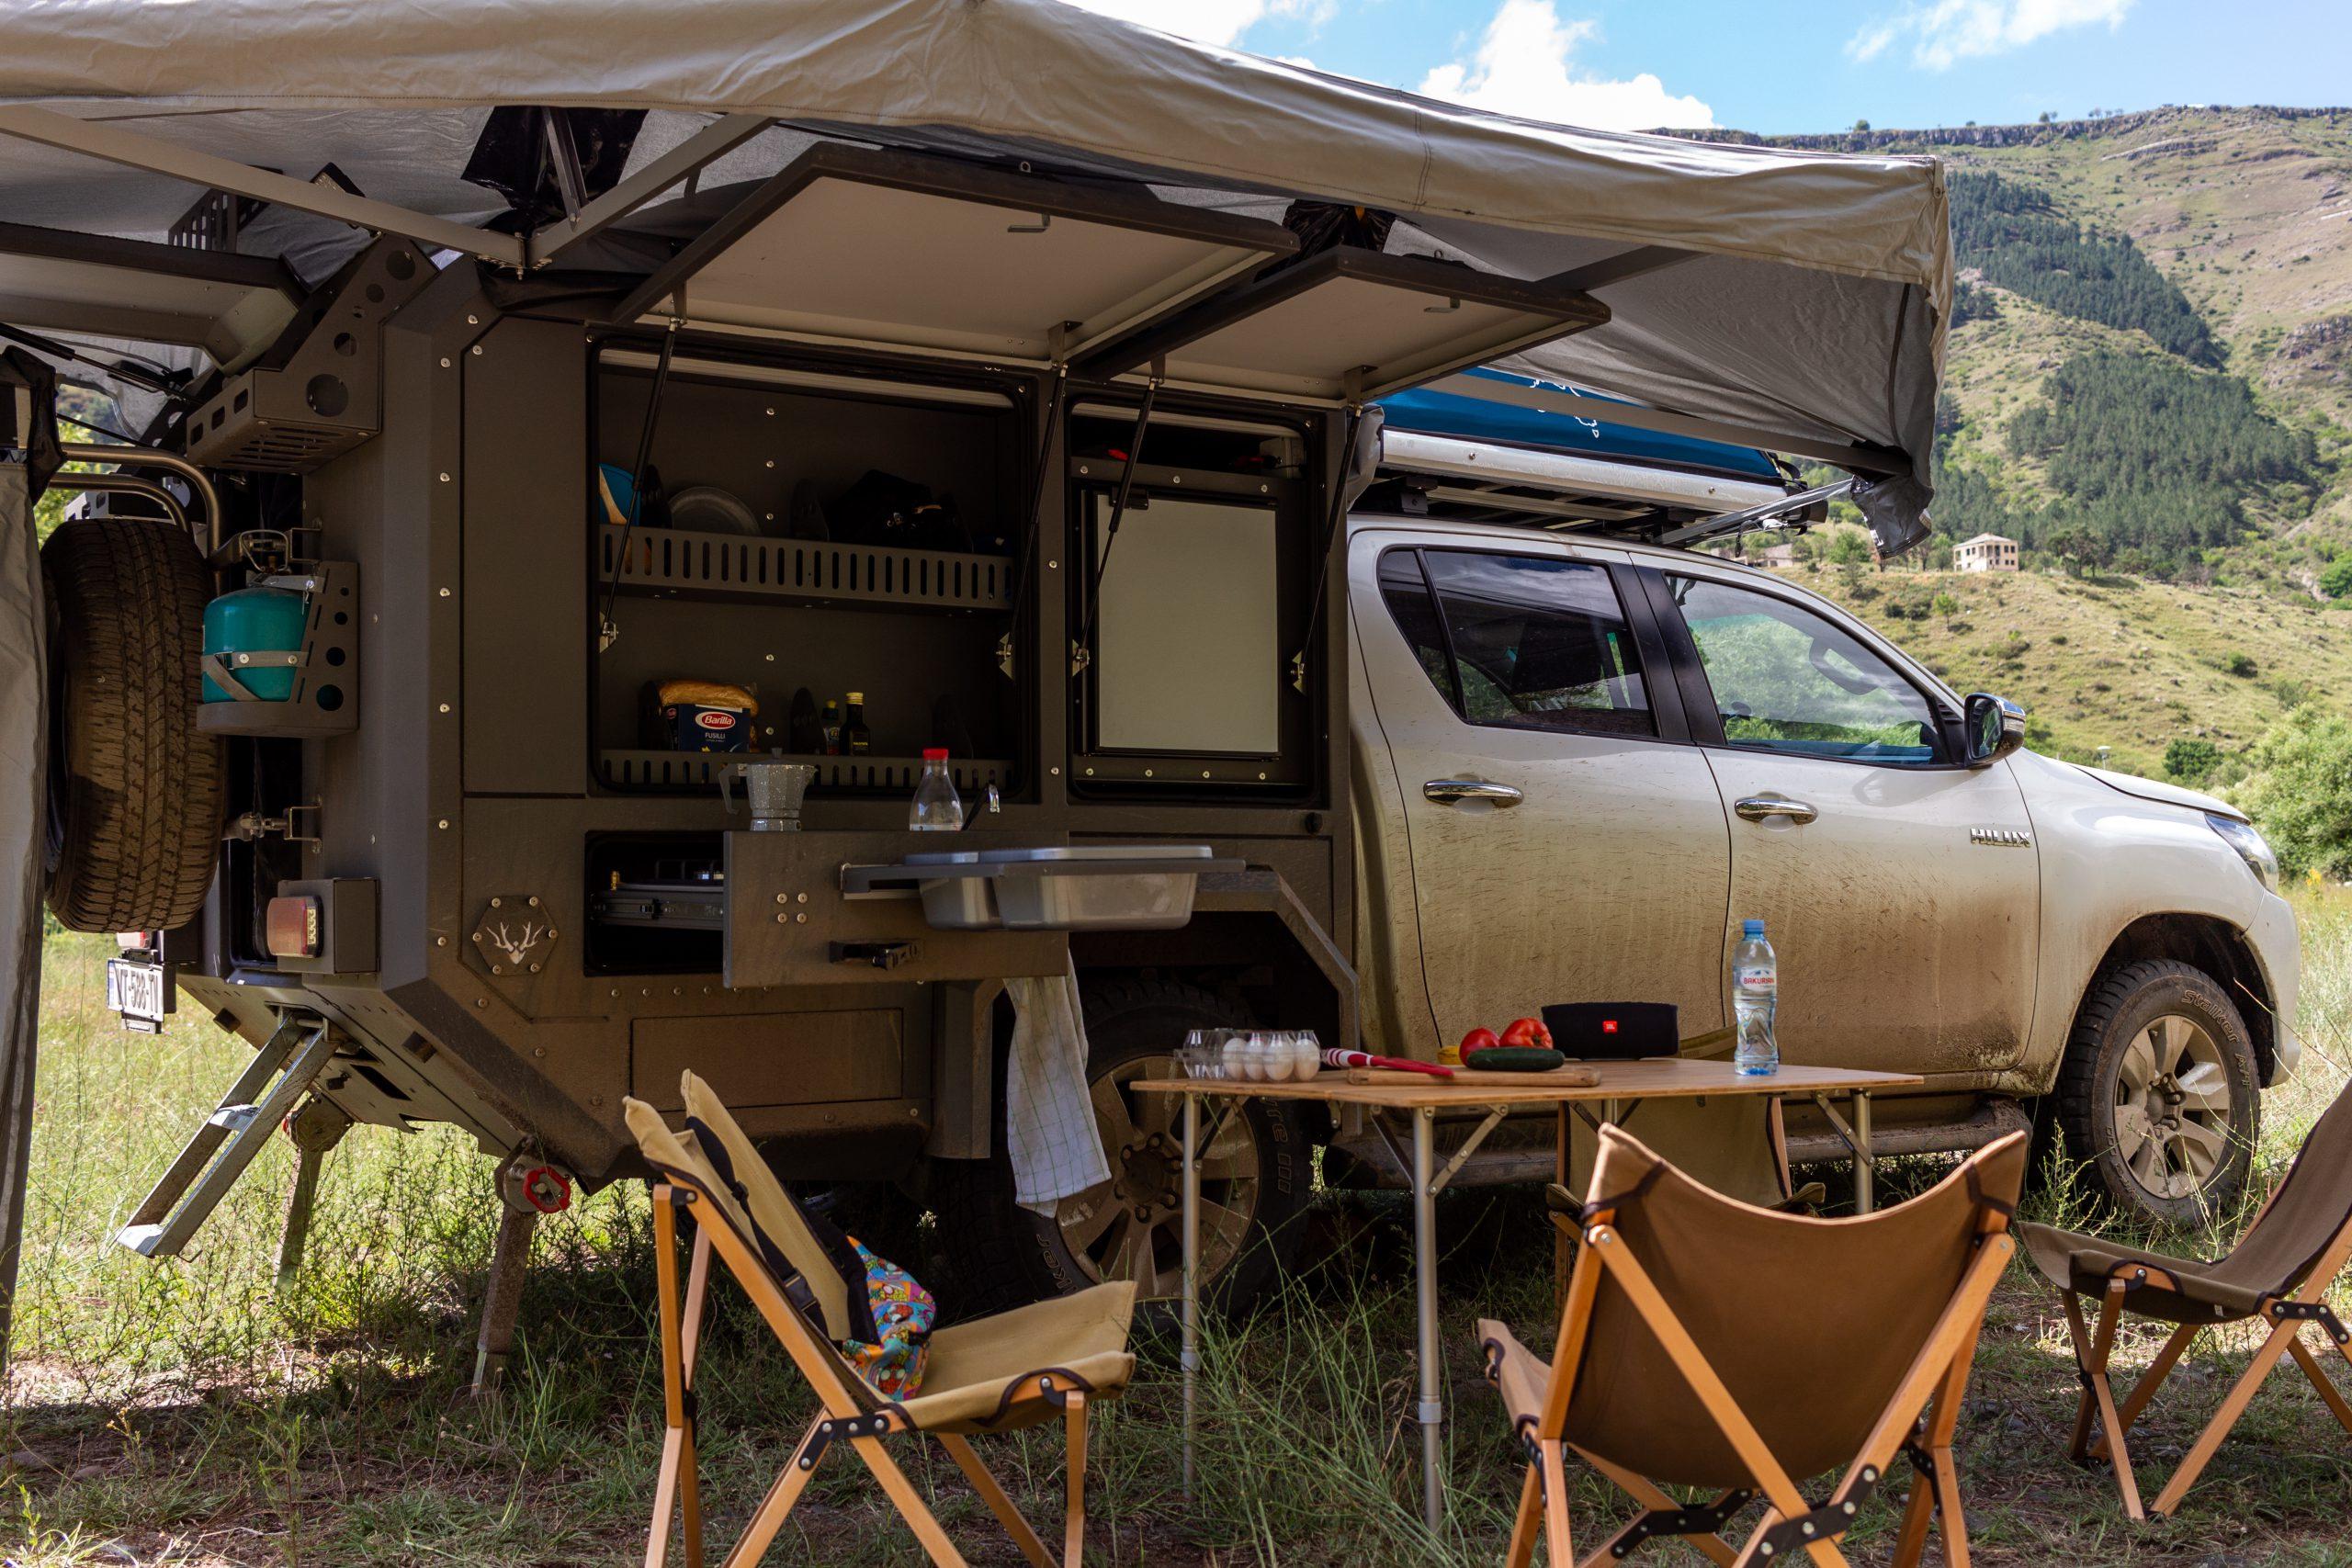 Toyota Hilux 4x4 Expedition Camper Overlando Com